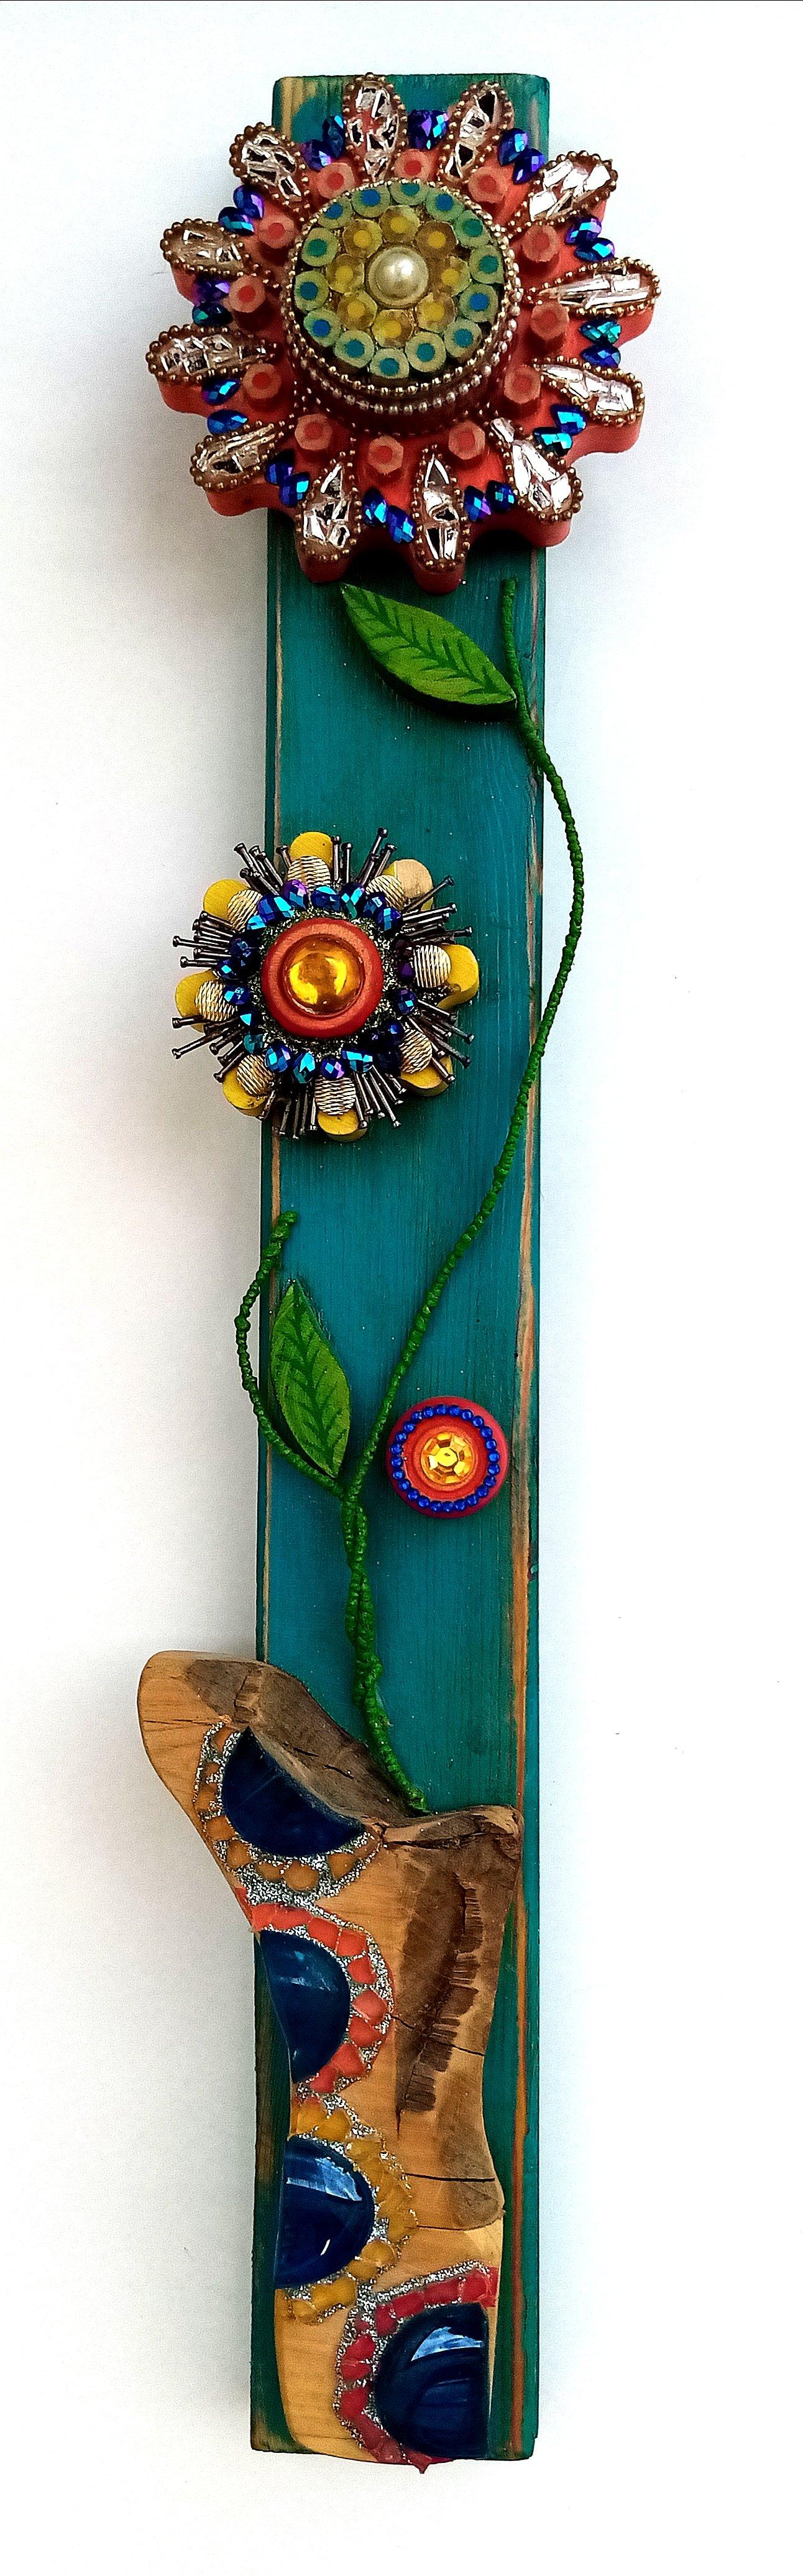 Image of Un gioco di fiori /a game of flowers